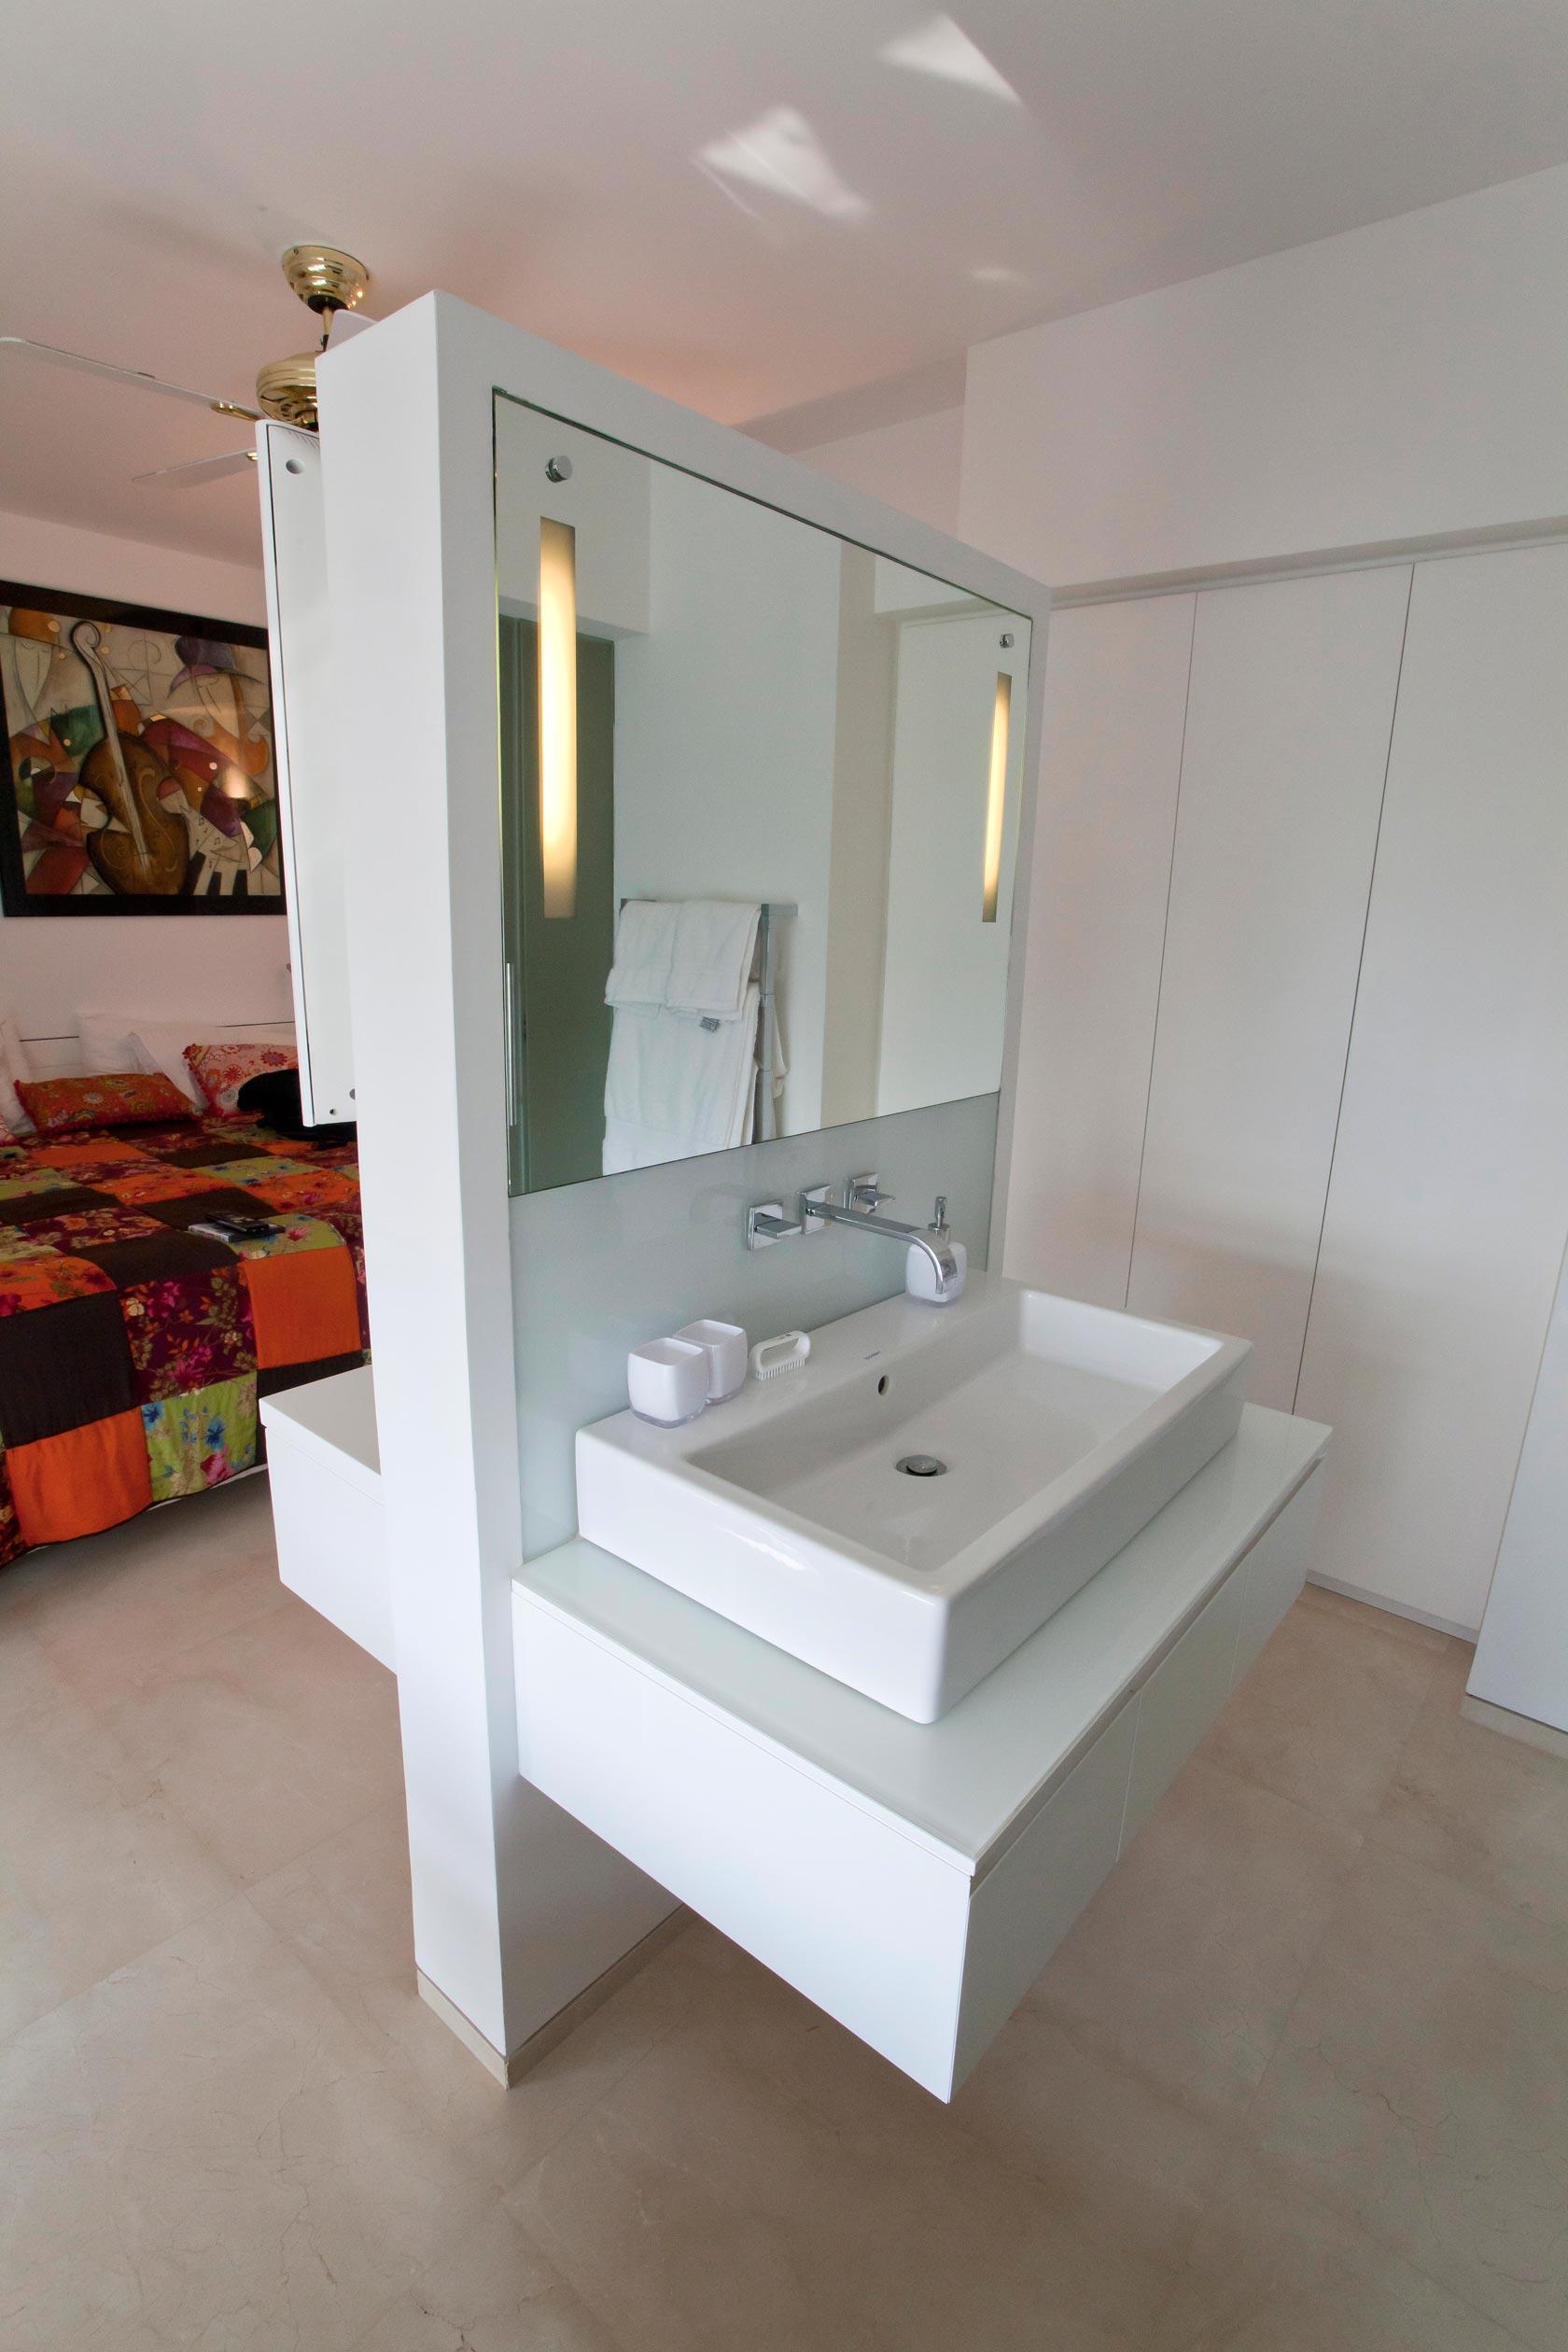 שידת אודיו טלויזיה TV ארון כיור אמבטיה צבע מט אפוקסי מראה תאורה (2)